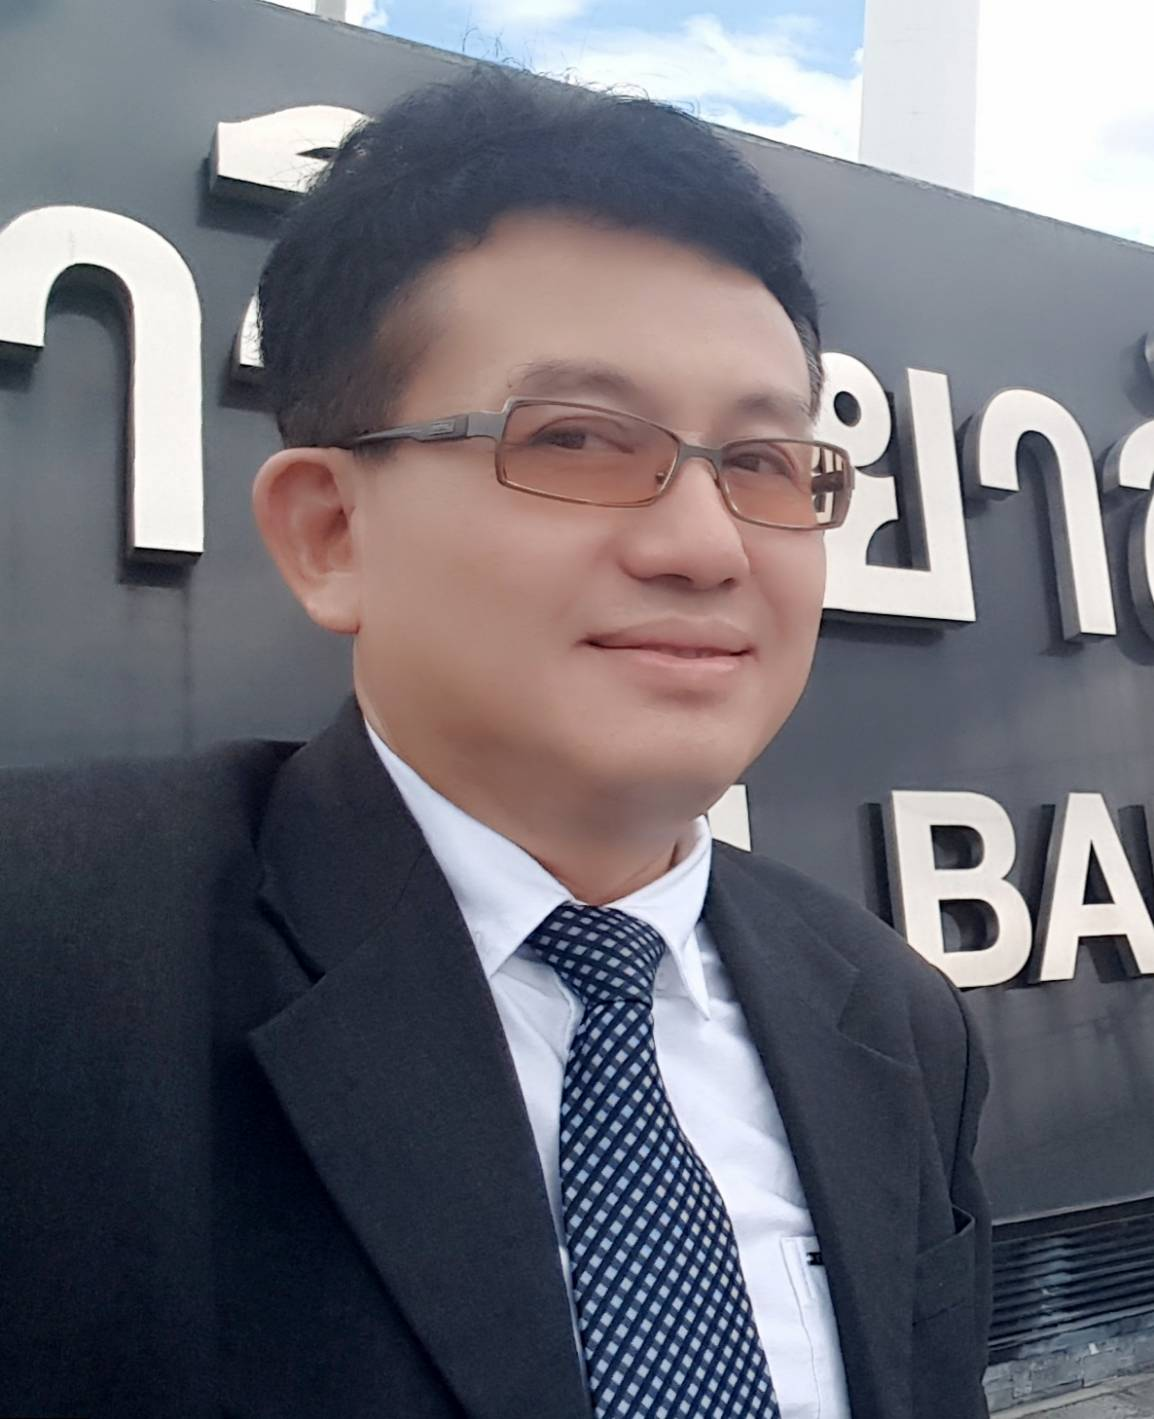 ดร.ฤทธิพล ไชยบุรี